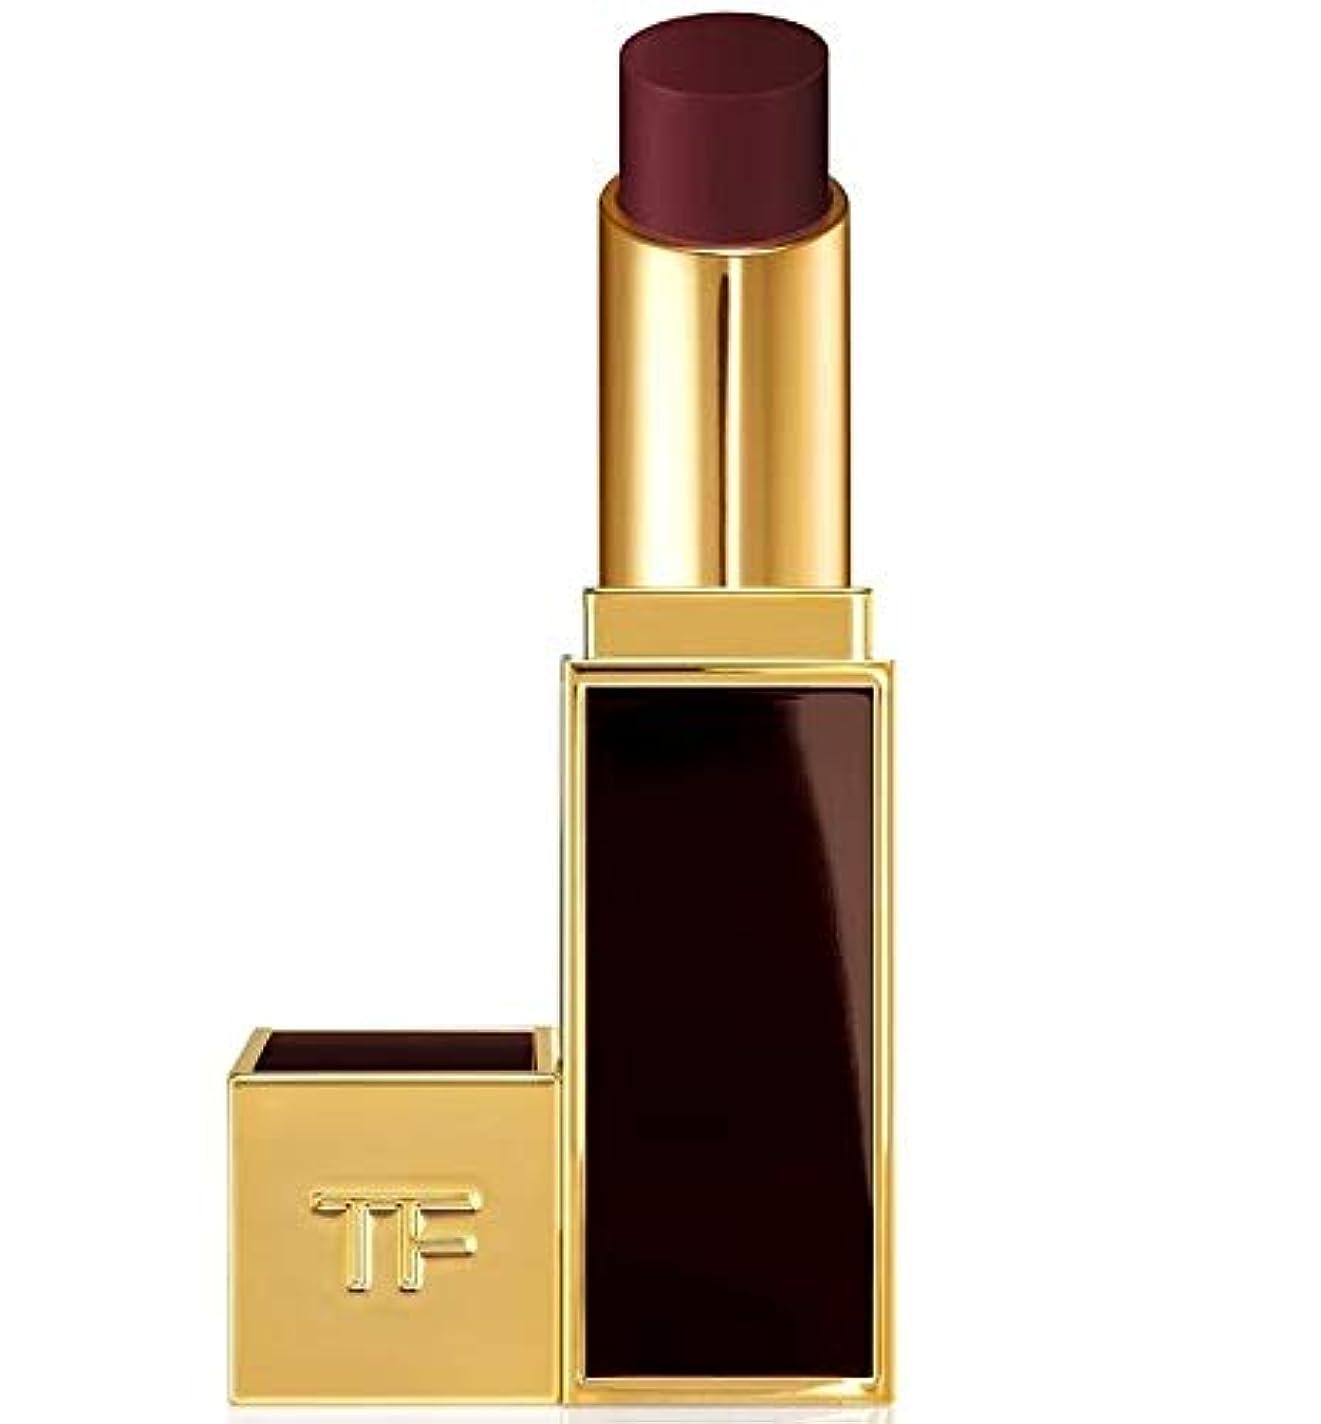 コミュニティクリープ散髪トム フォード Lip Color Satin Matte - # 09 Baby Boy 3.3g/0.11oz並行輸入品